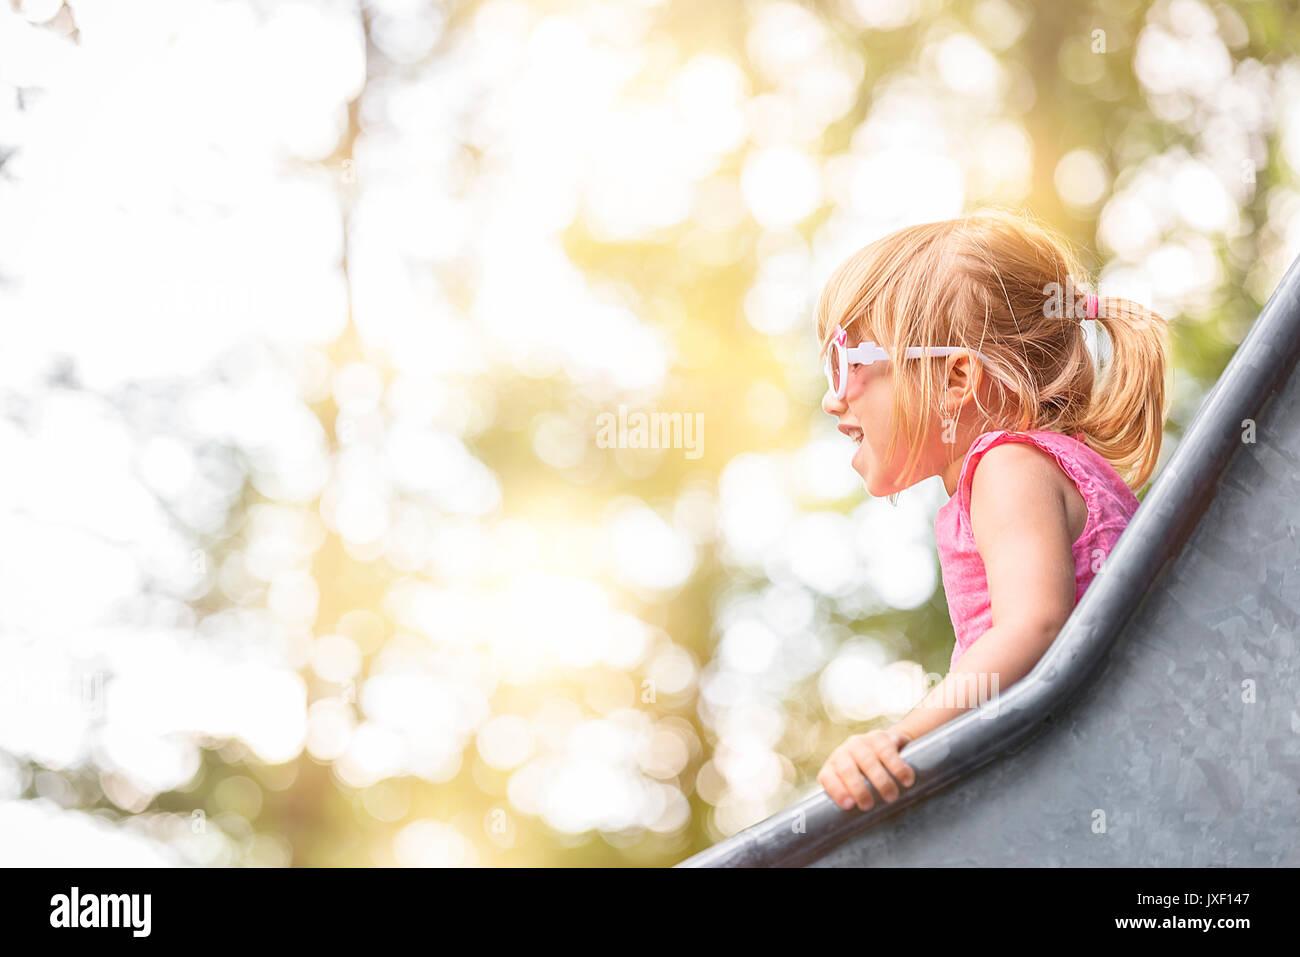 Close-up-Bild mit einem kleinen Mädchen Spaß auf einer Folie von einem Spielplatz, an einem sonnigen Tag. Stockbild